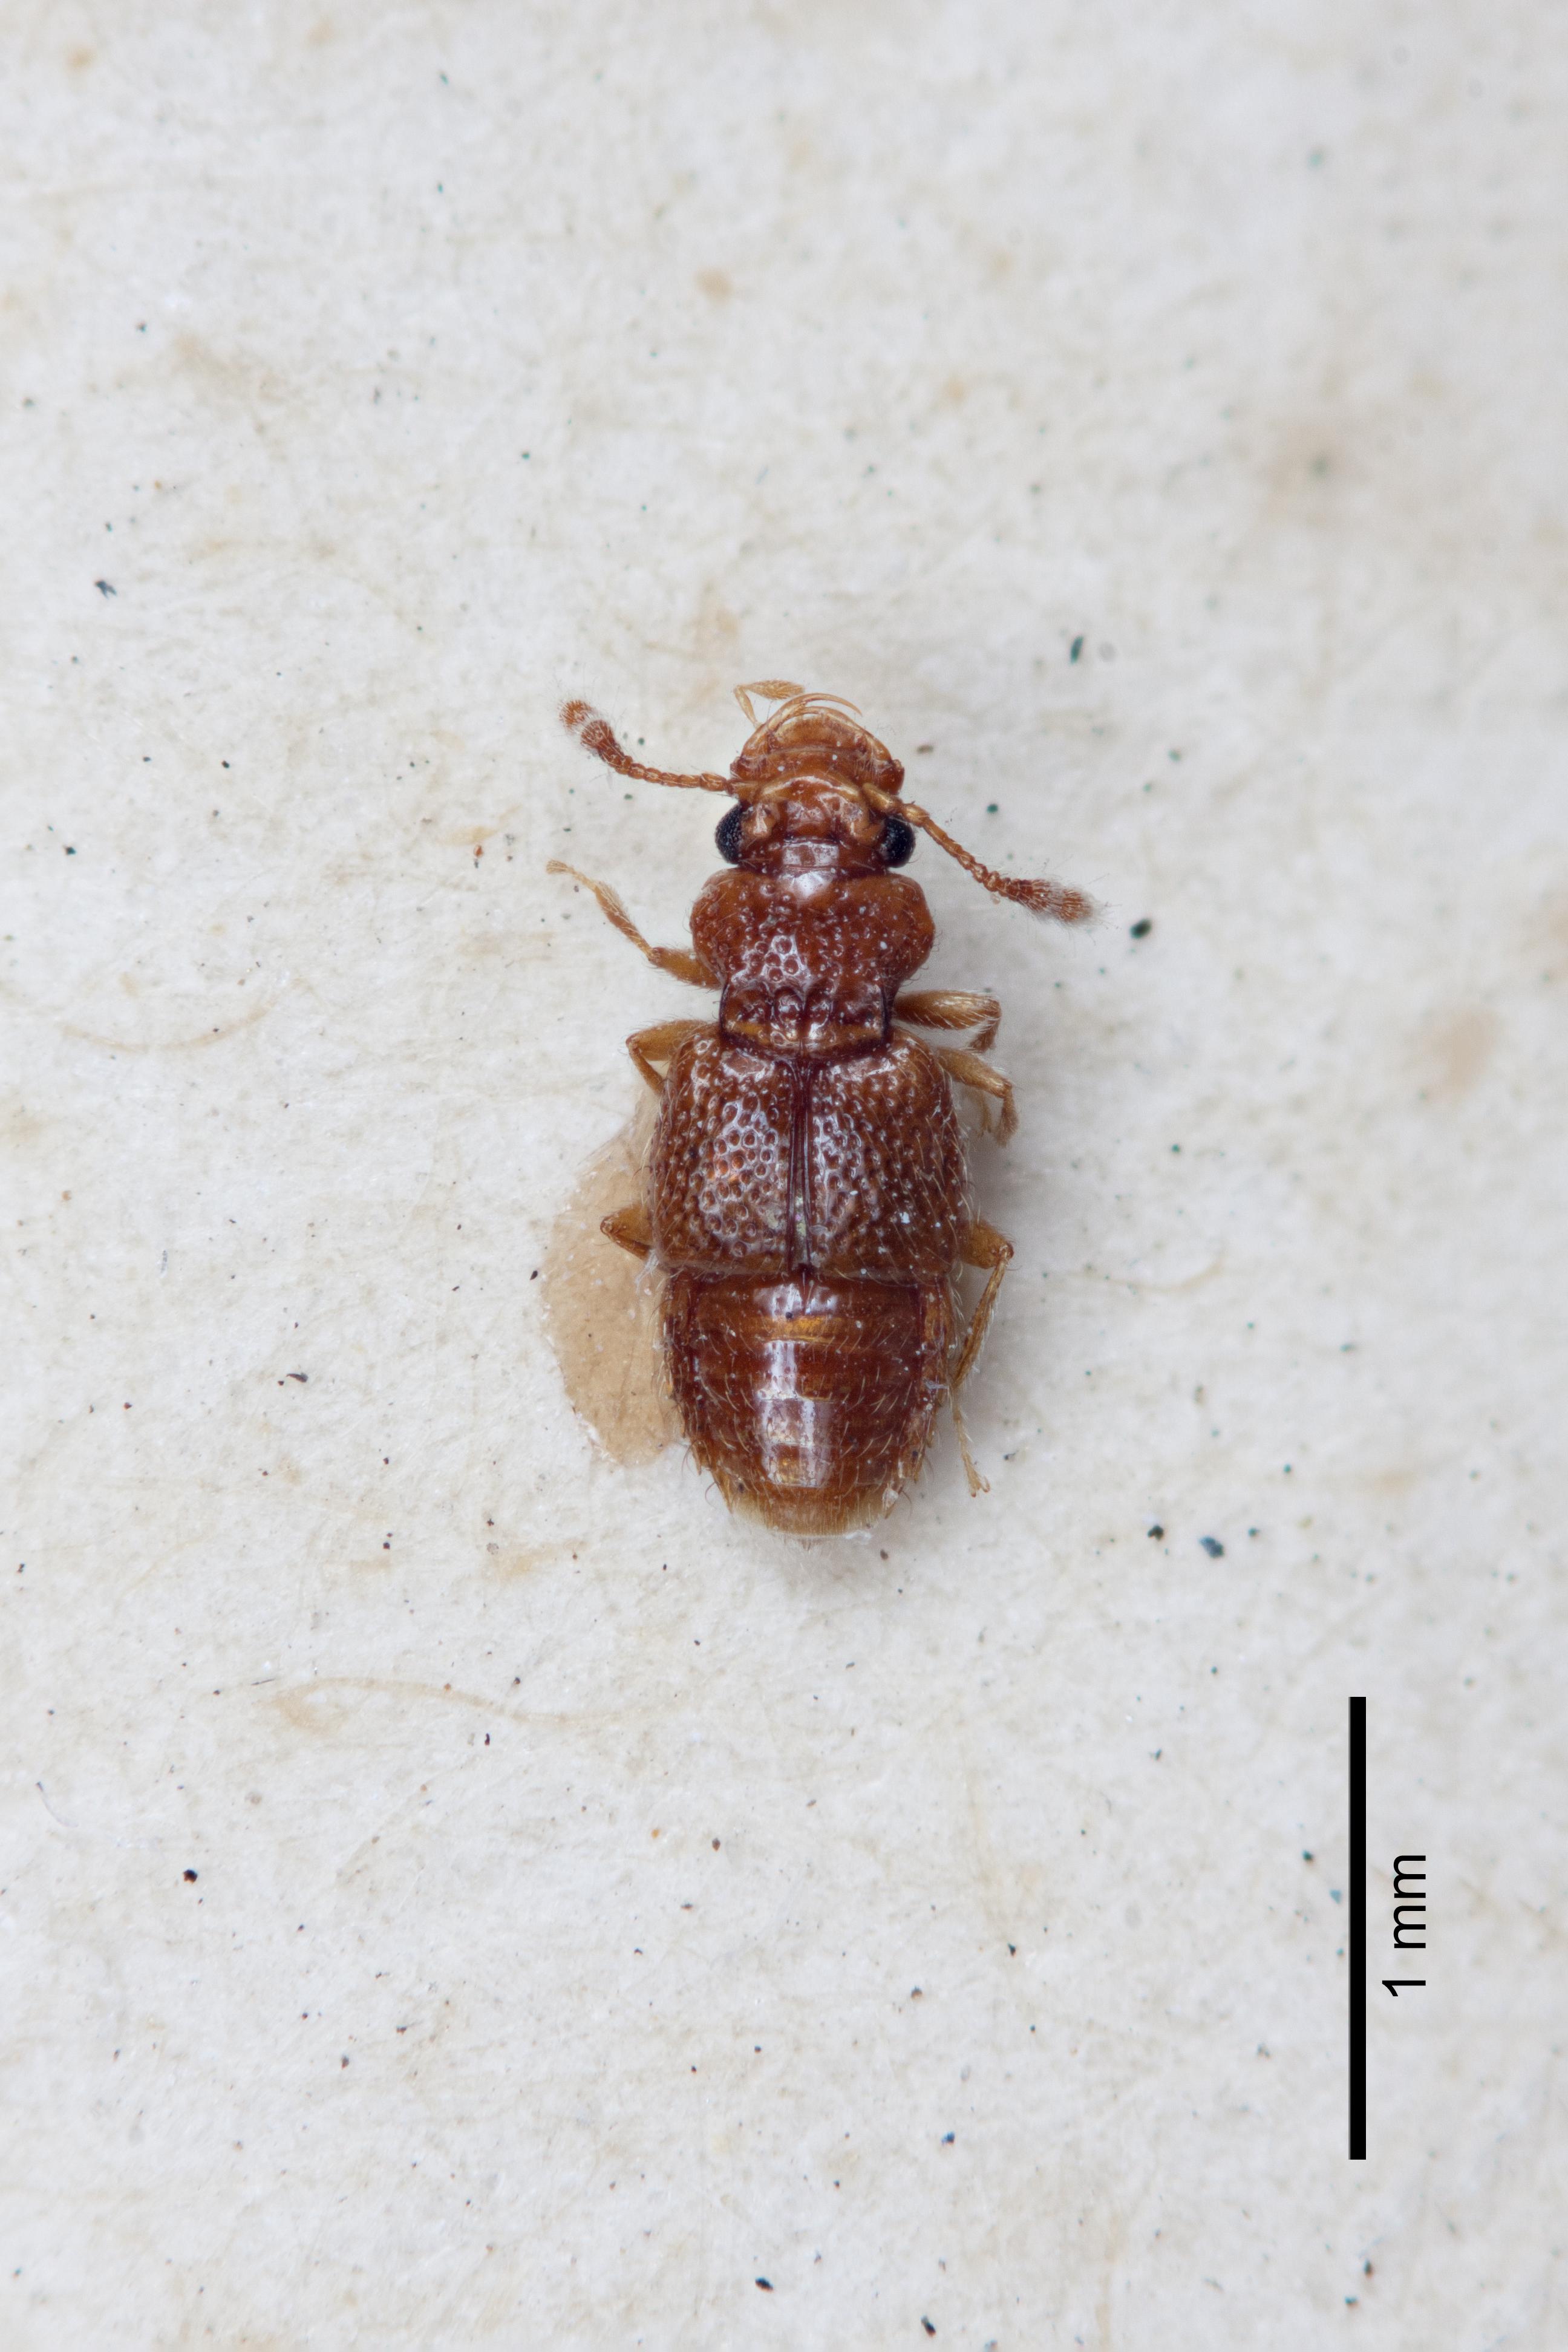 Image of Edaphus vulneratus